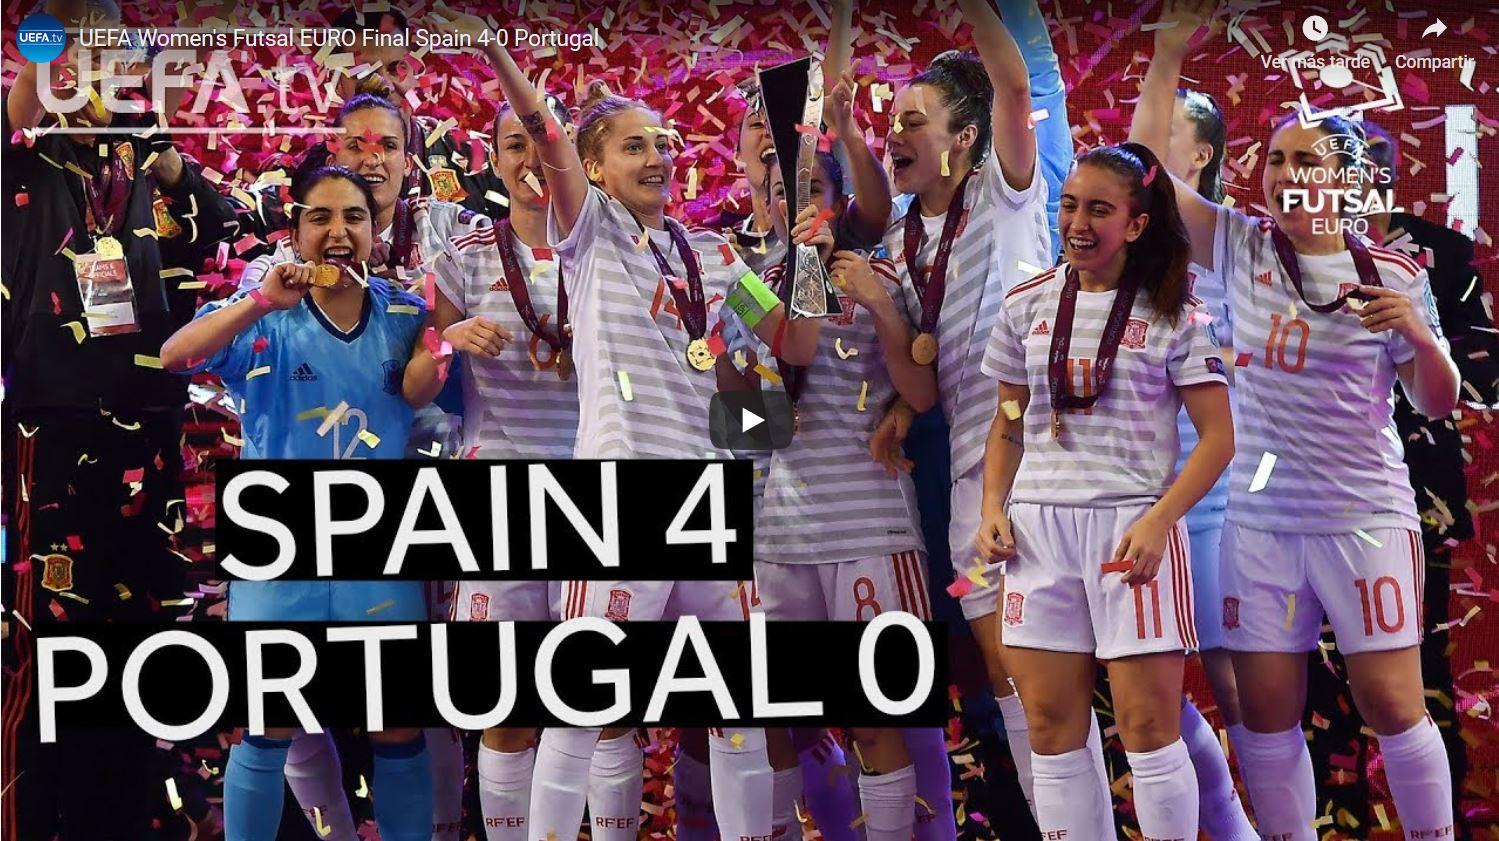 Resumen de la Final del Europeo entre España y Portugal